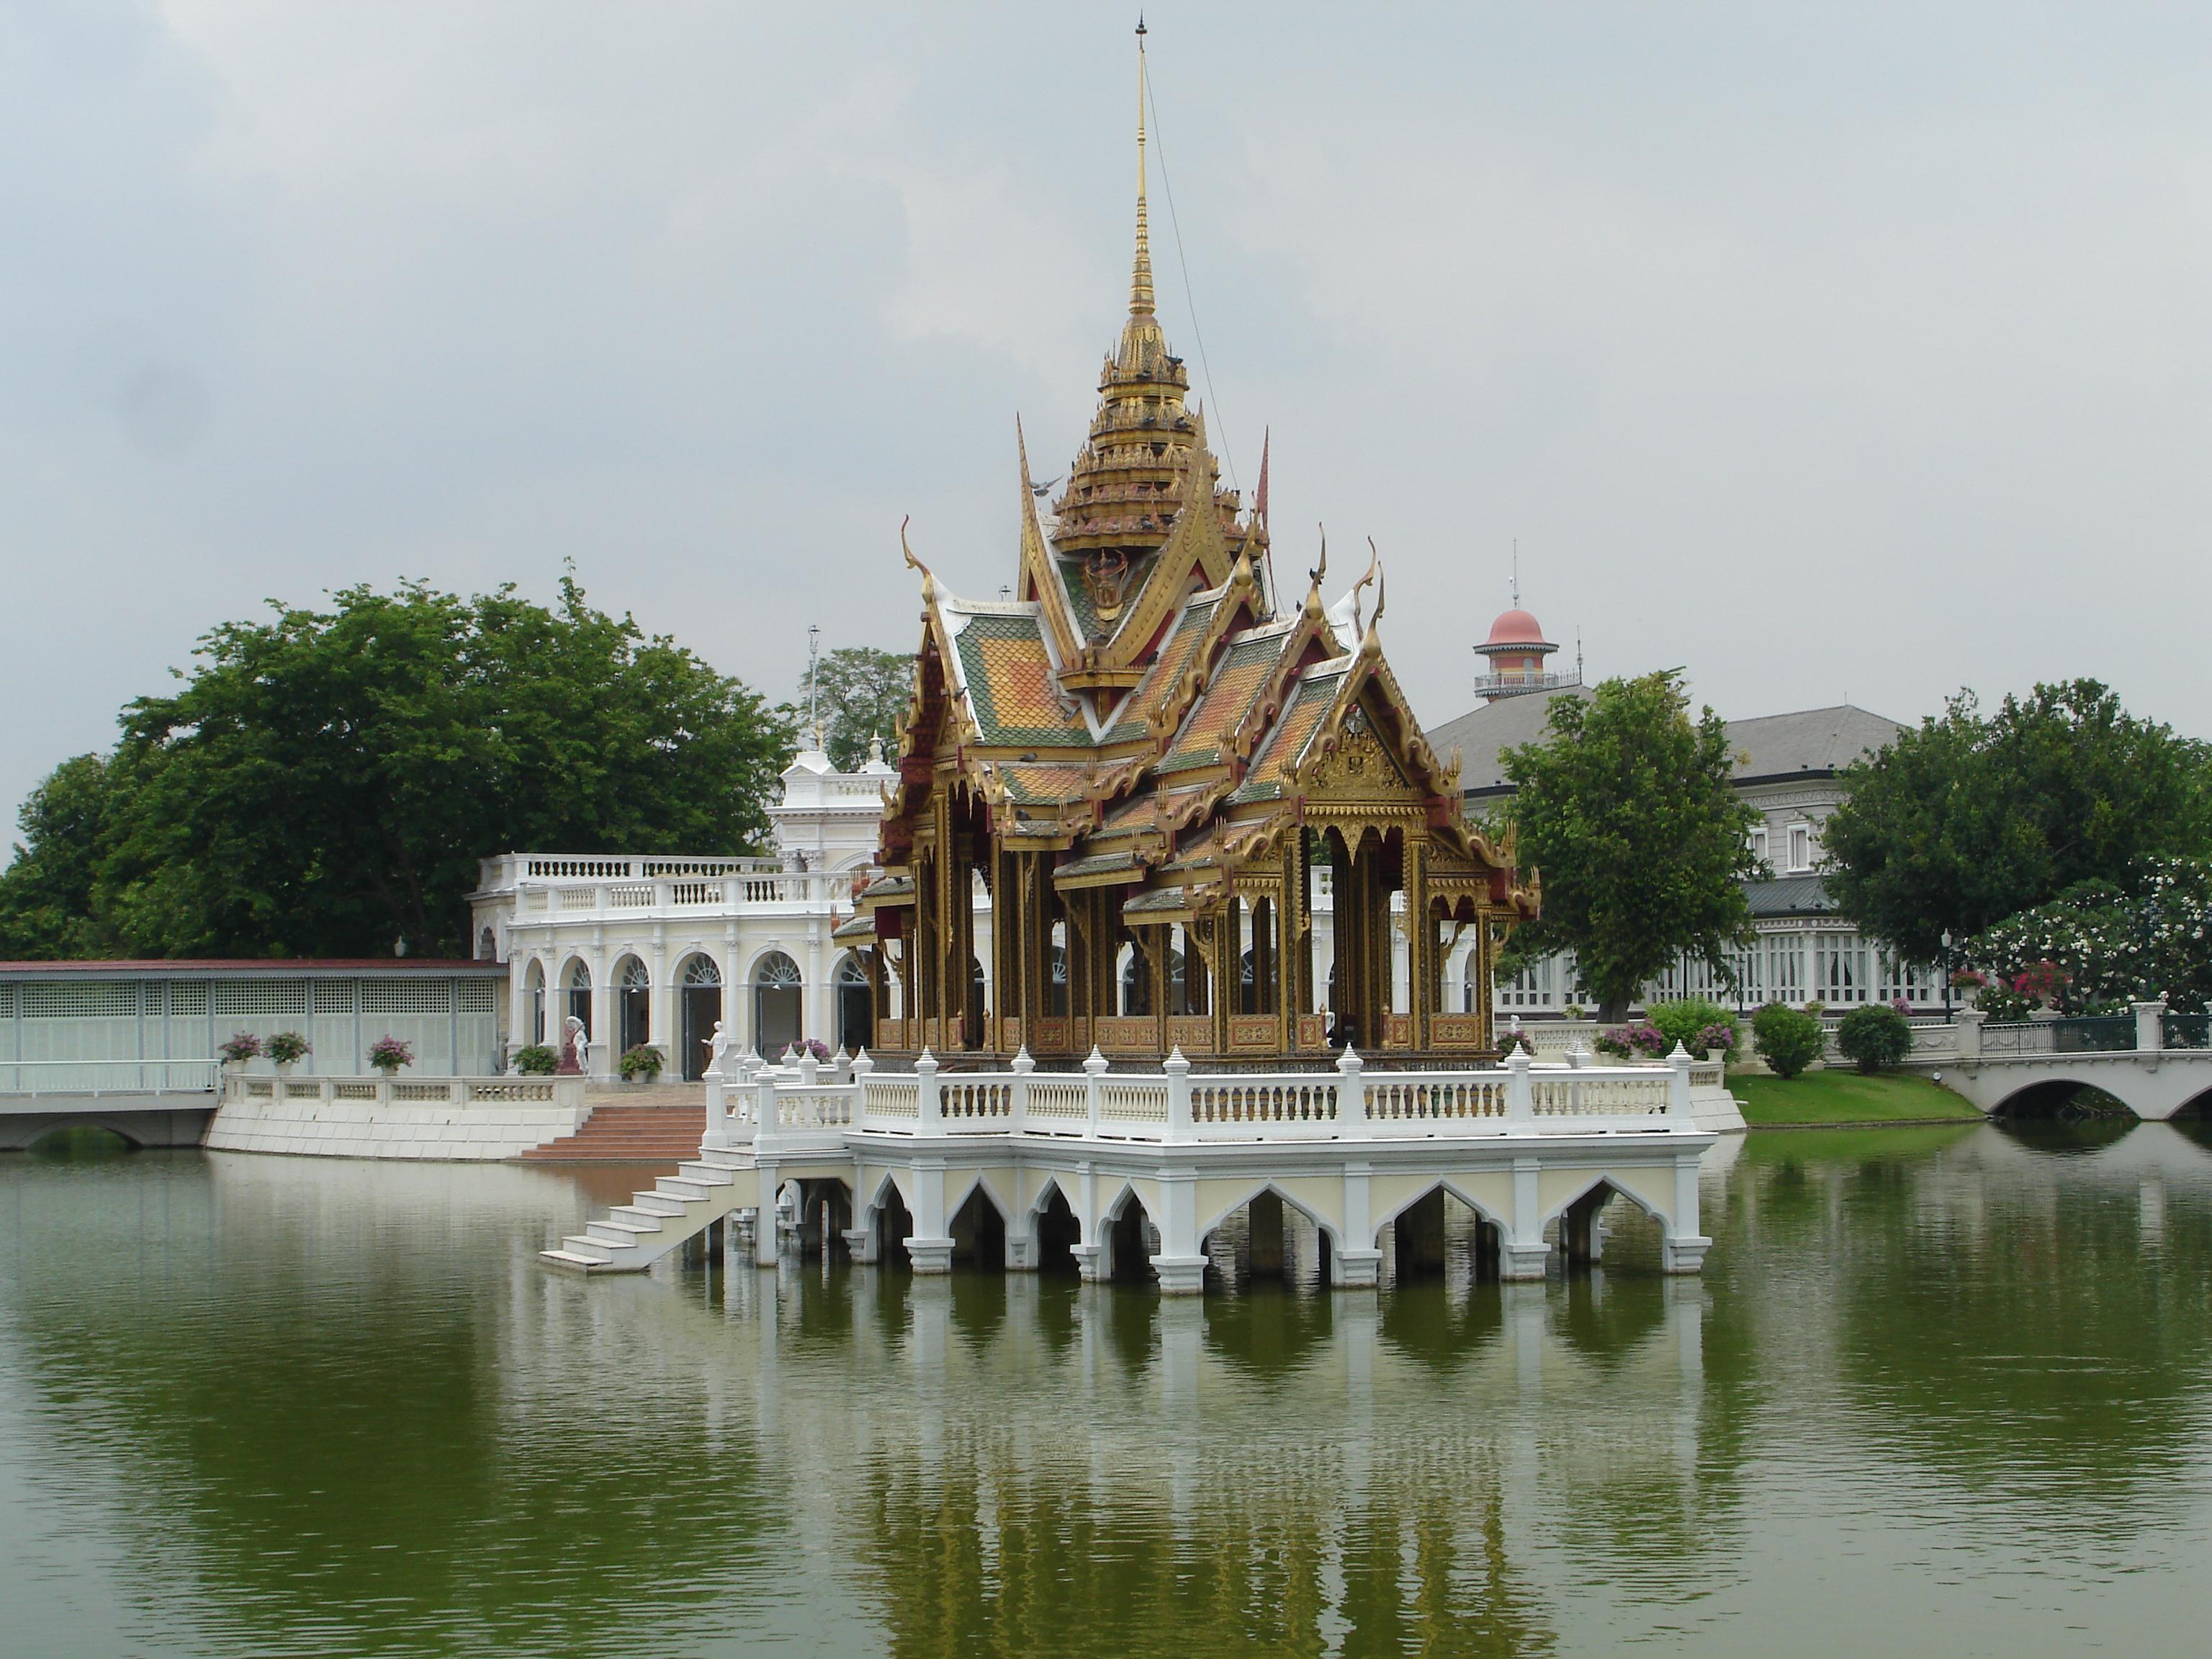 Phra Thinang Aisawan Thiphya-Art Pavilion in the Outer Palace compound of Bang Pa-In Royal Palace. Photo by Mark Jochim, May 16, 2006.